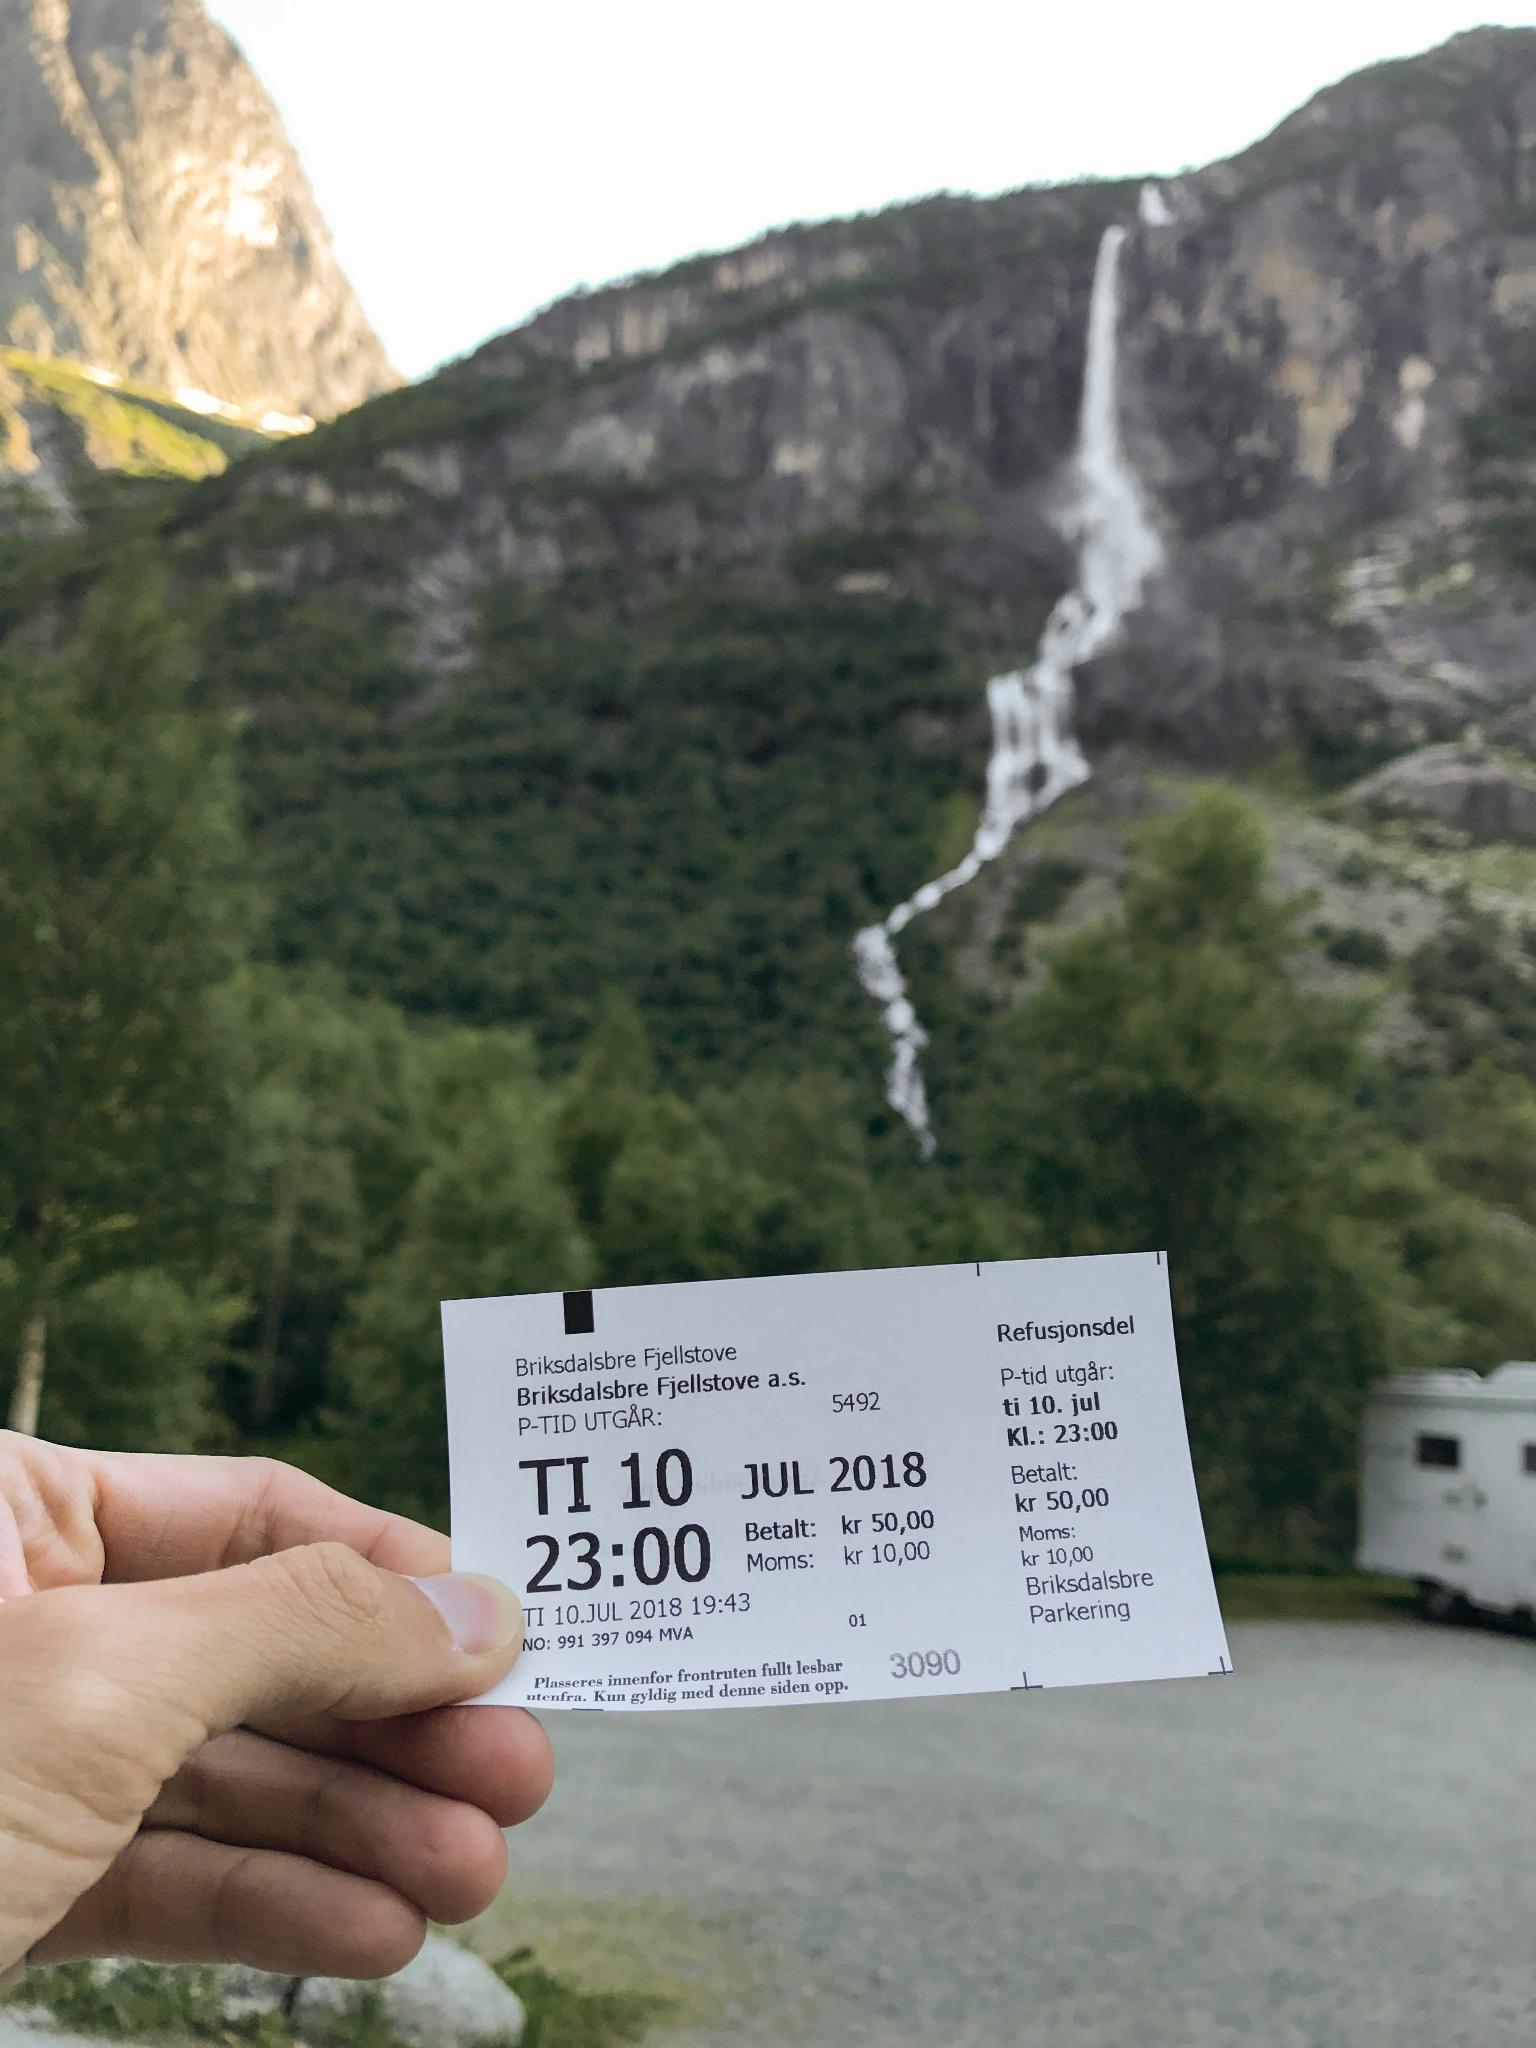 【北歐景點】挪威散步看冰川 - Briksdal Glacier 逐漸消融的冰河哀愁 3